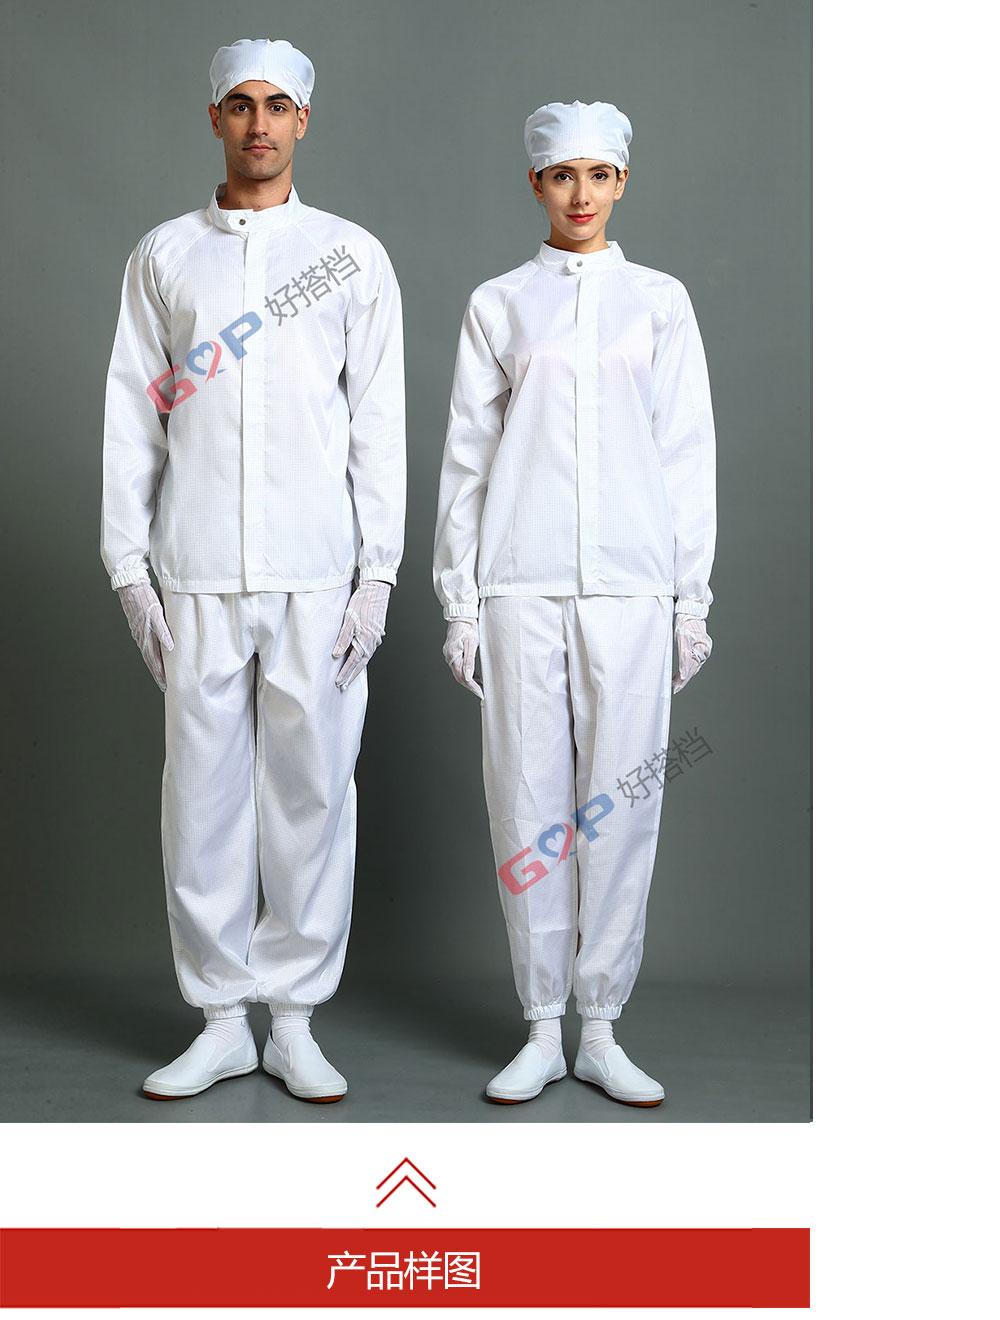 分体服(立领)Separate clothing Stand-up collar